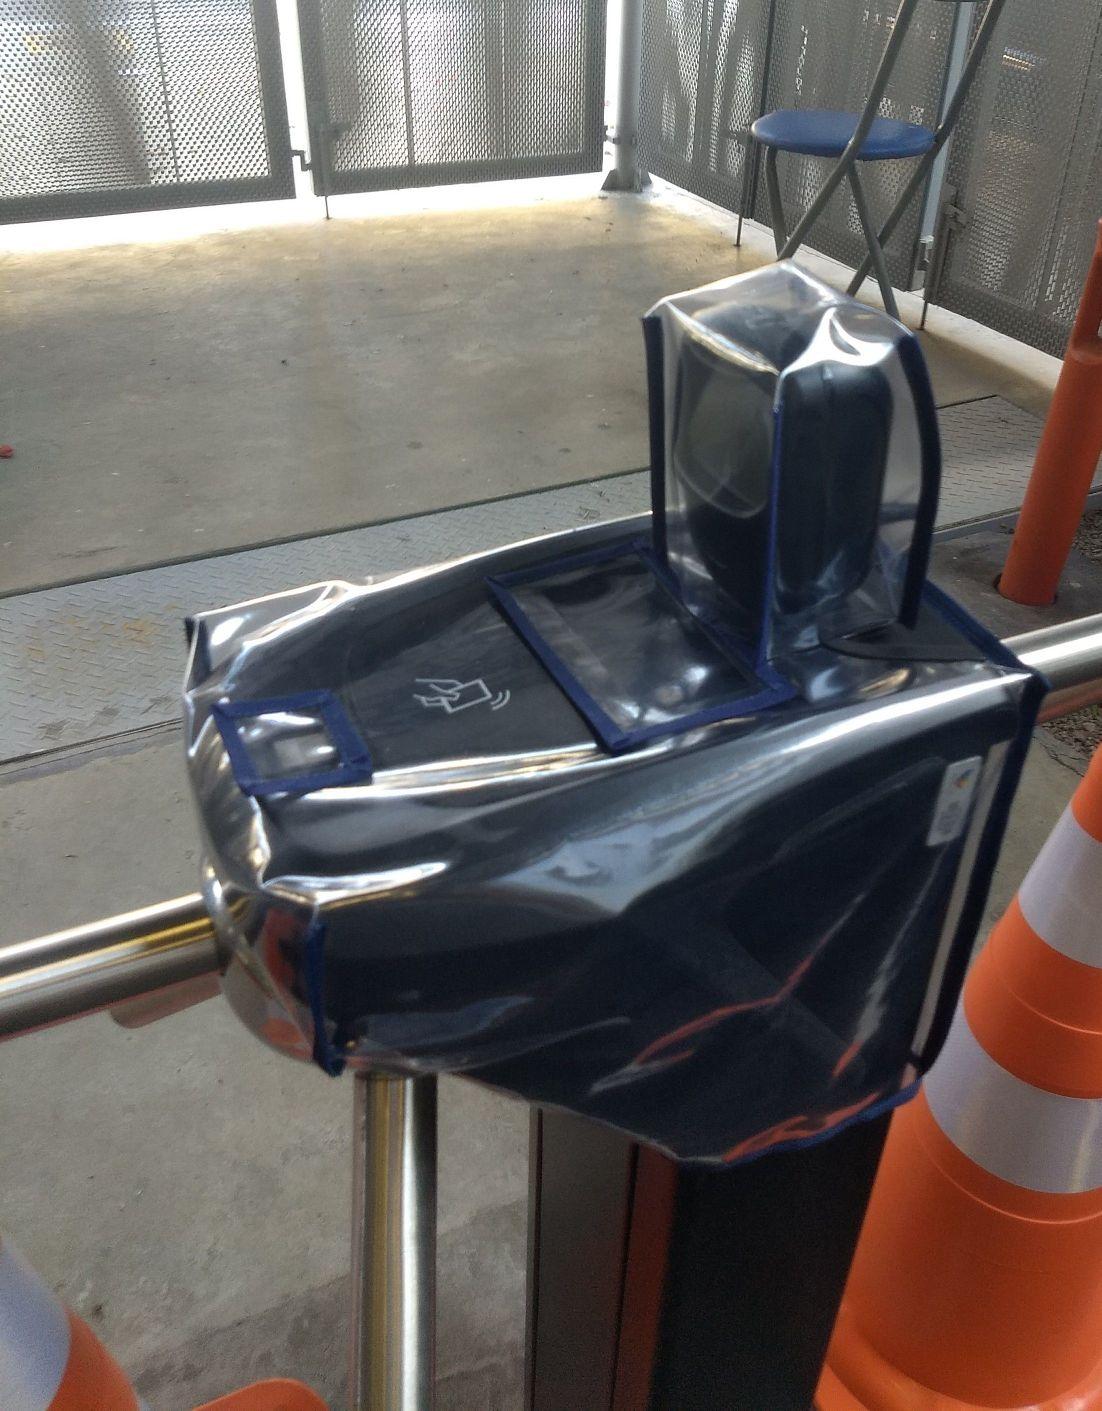 capa de proteção sob medida para catraca de acesso